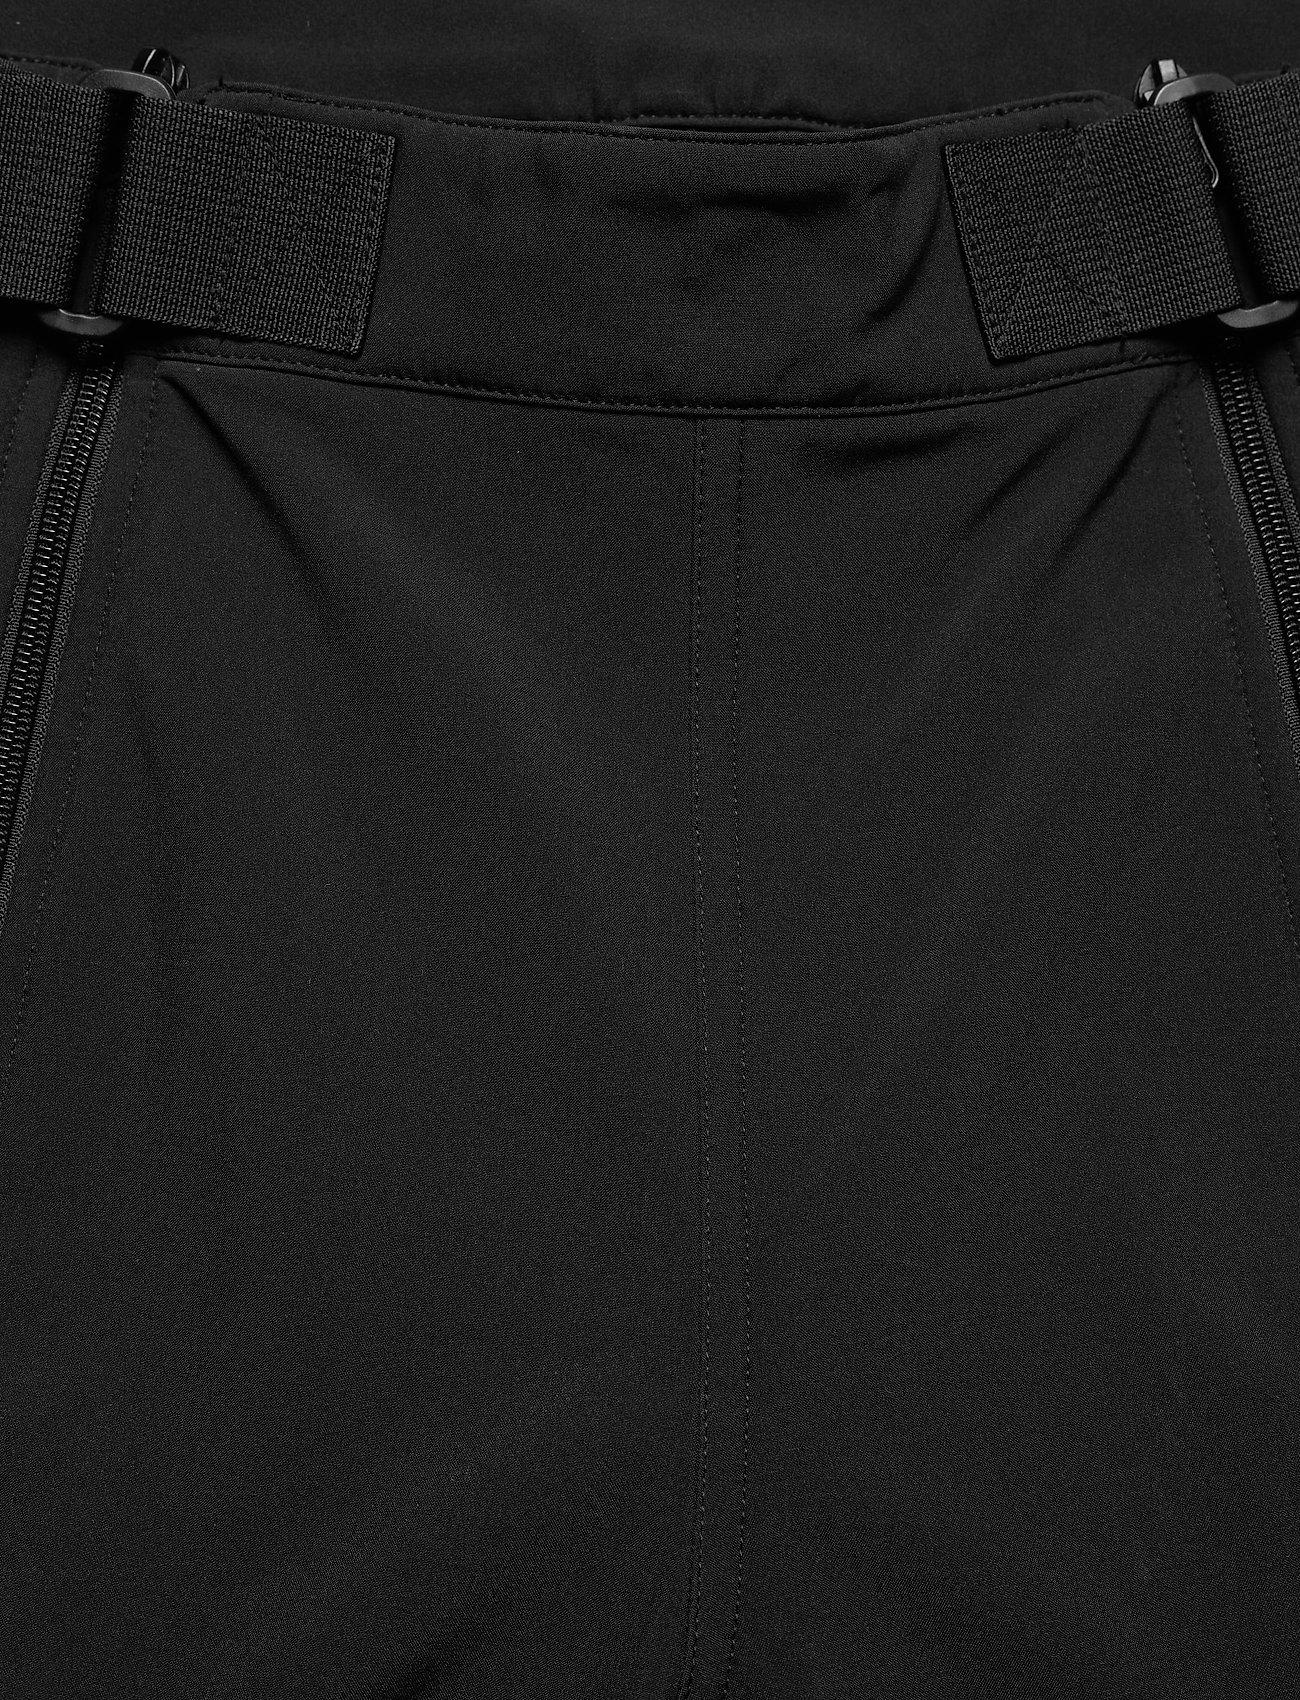 Race Ski Shorts (Black) (78 €) - Tenson kSEoK